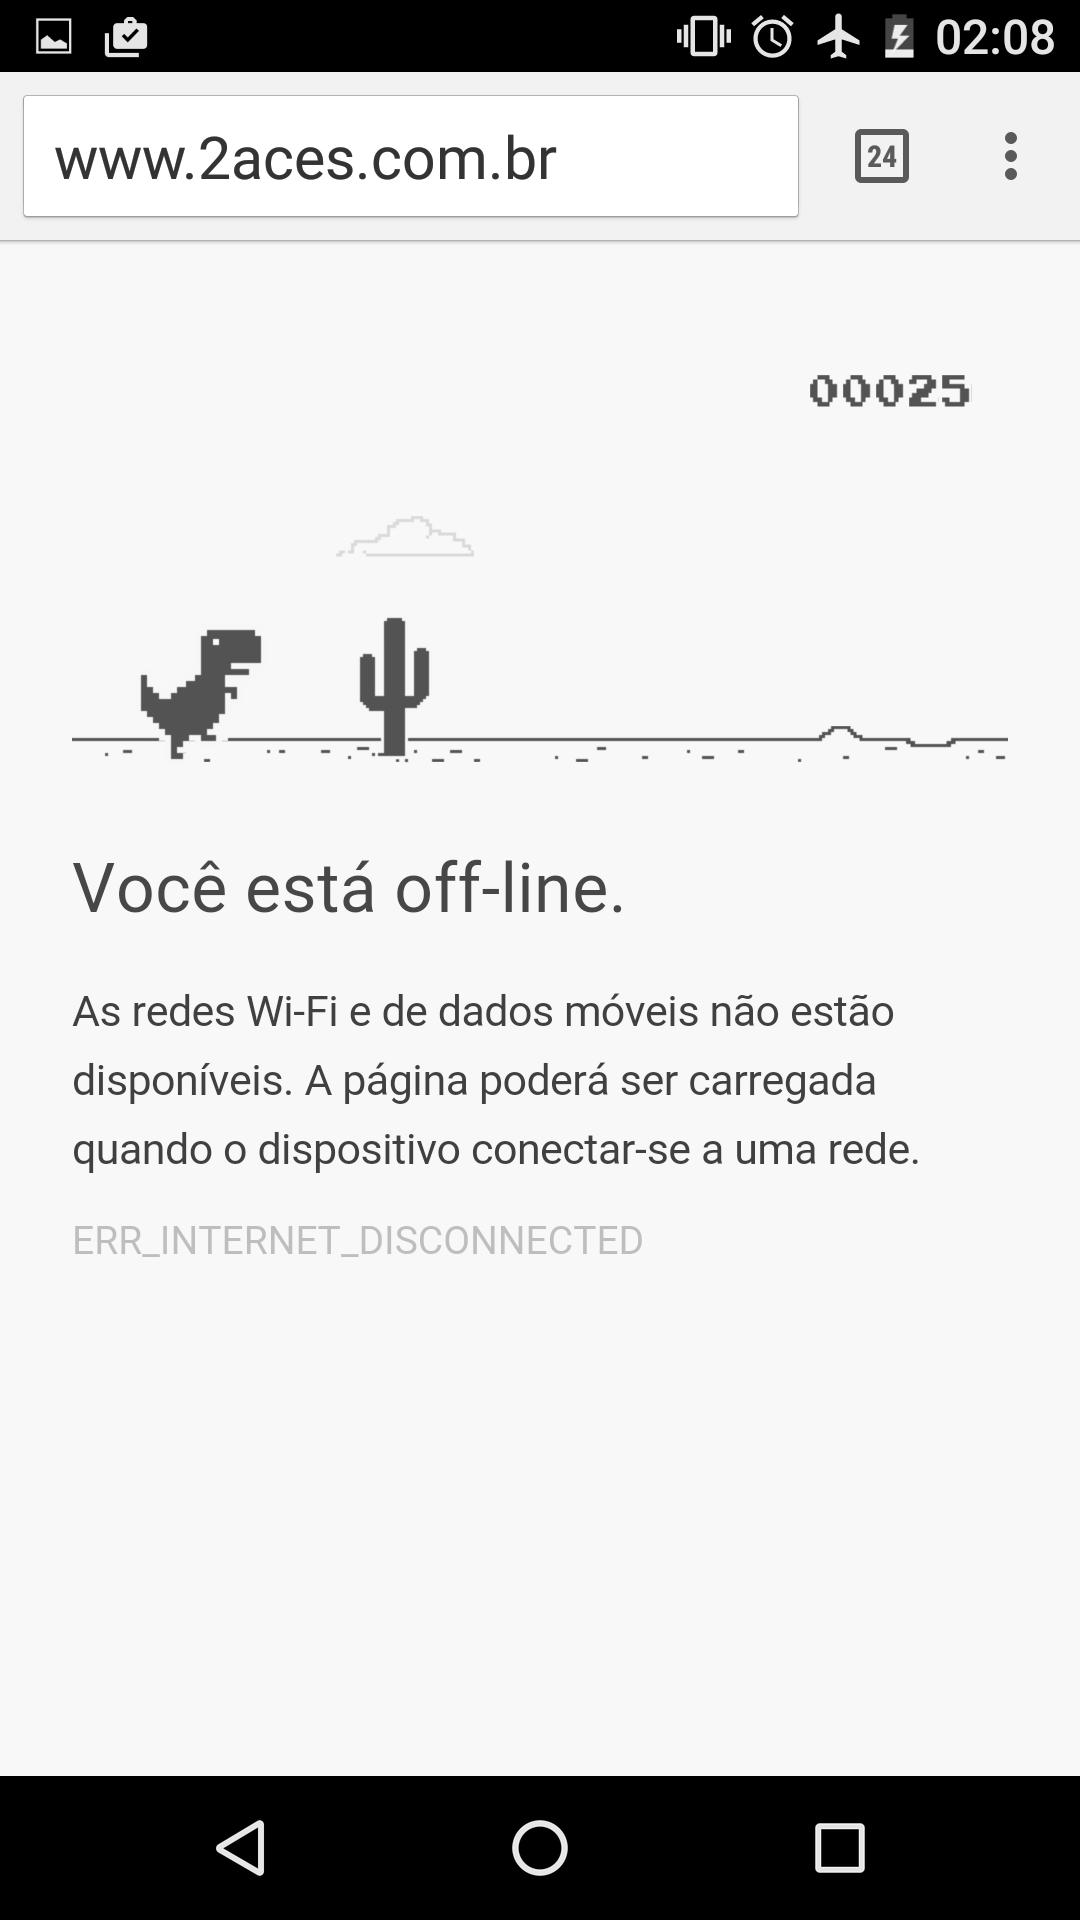 Easter Egg: jogo no Chrome, passo 3: clique em qualquer parte da tela para fazer o dinossauro saltar